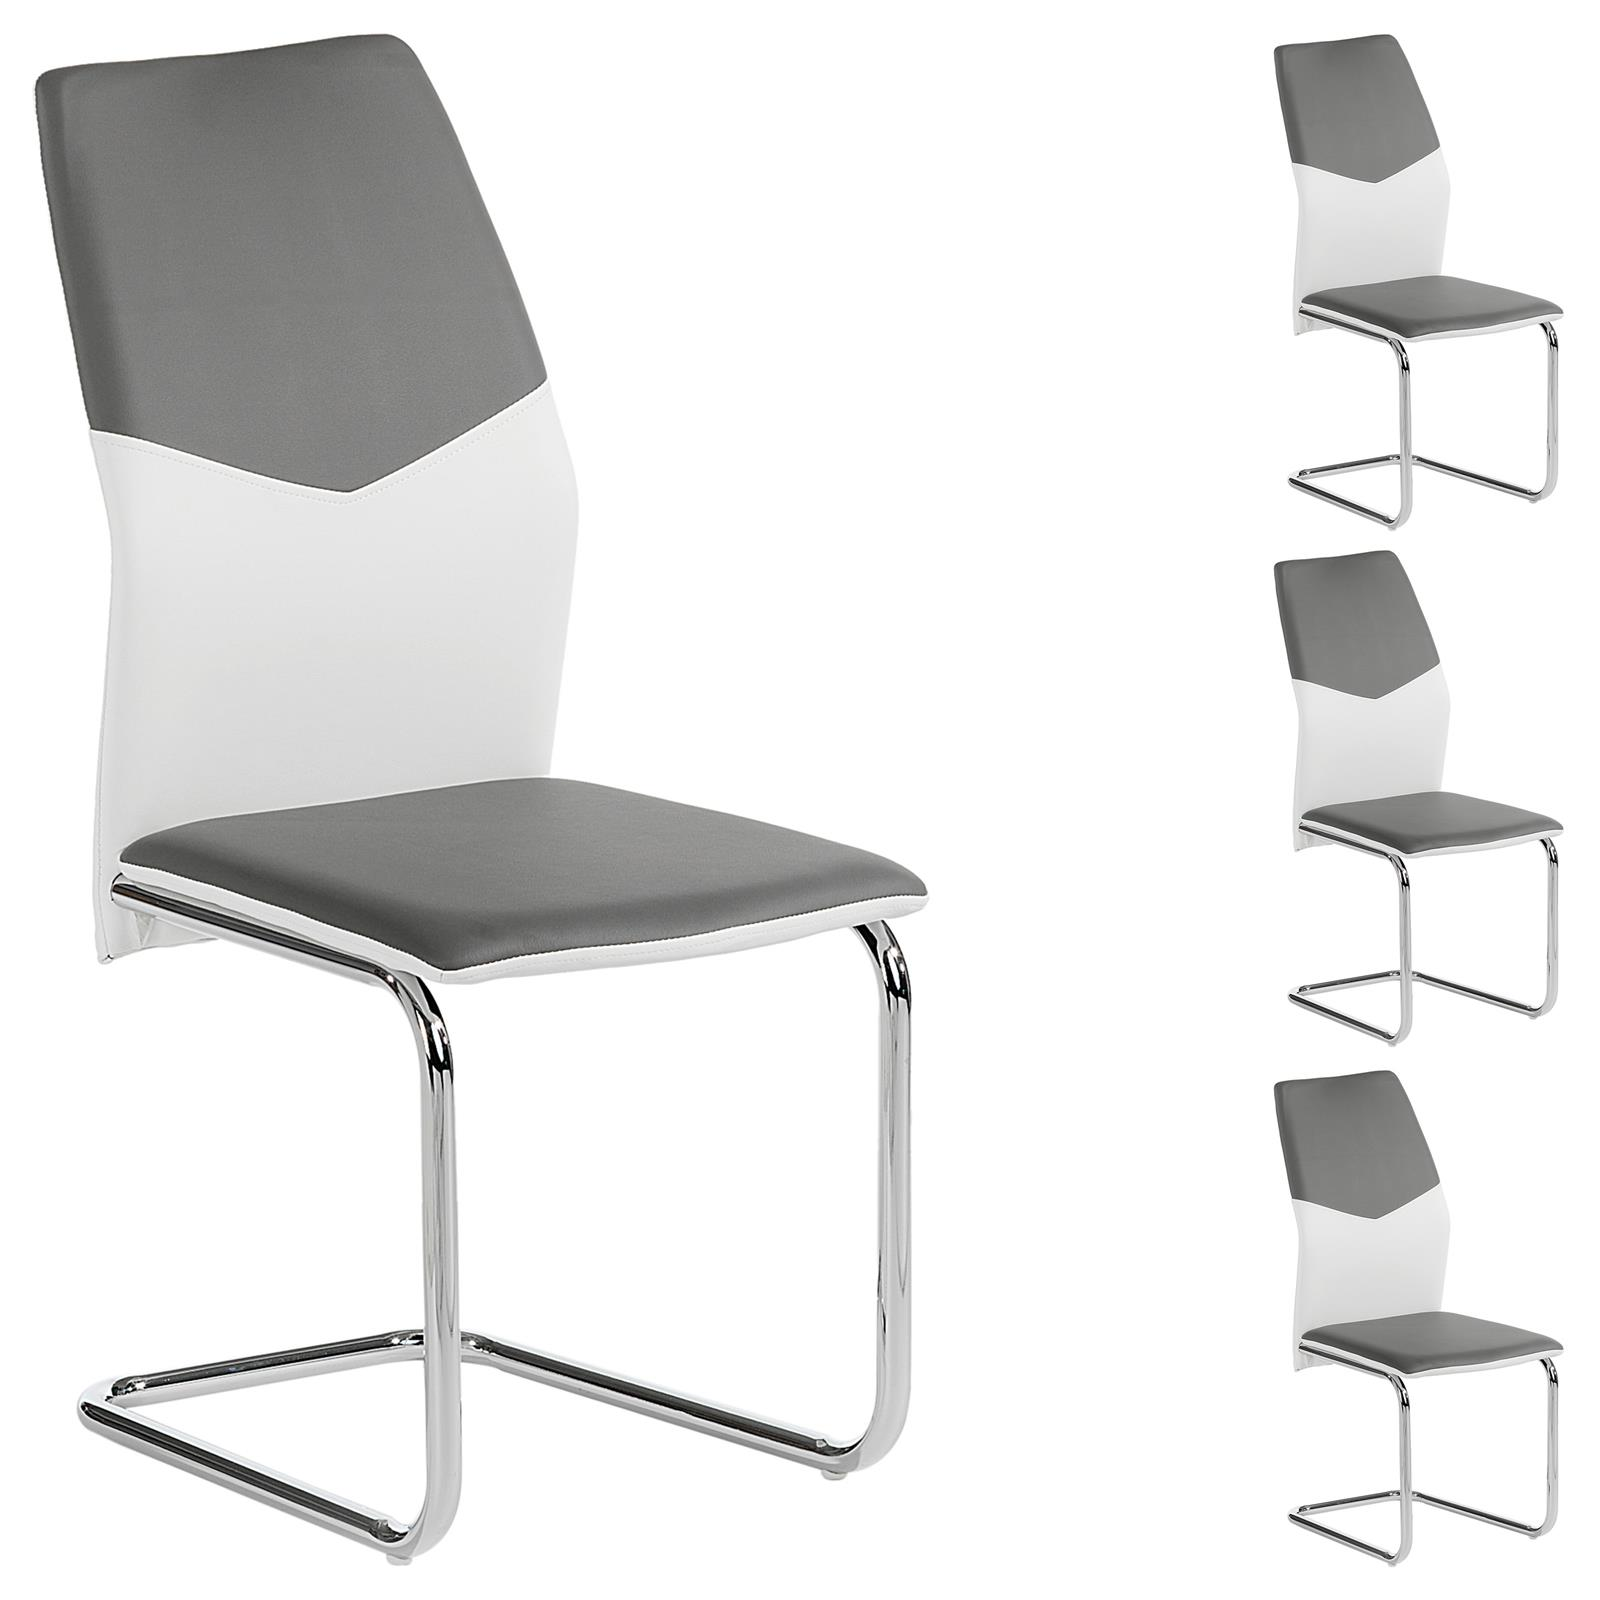 schwingstuhl leona 4er set in wei grau mobilia24. Black Bedroom Furniture Sets. Home Design Ideas